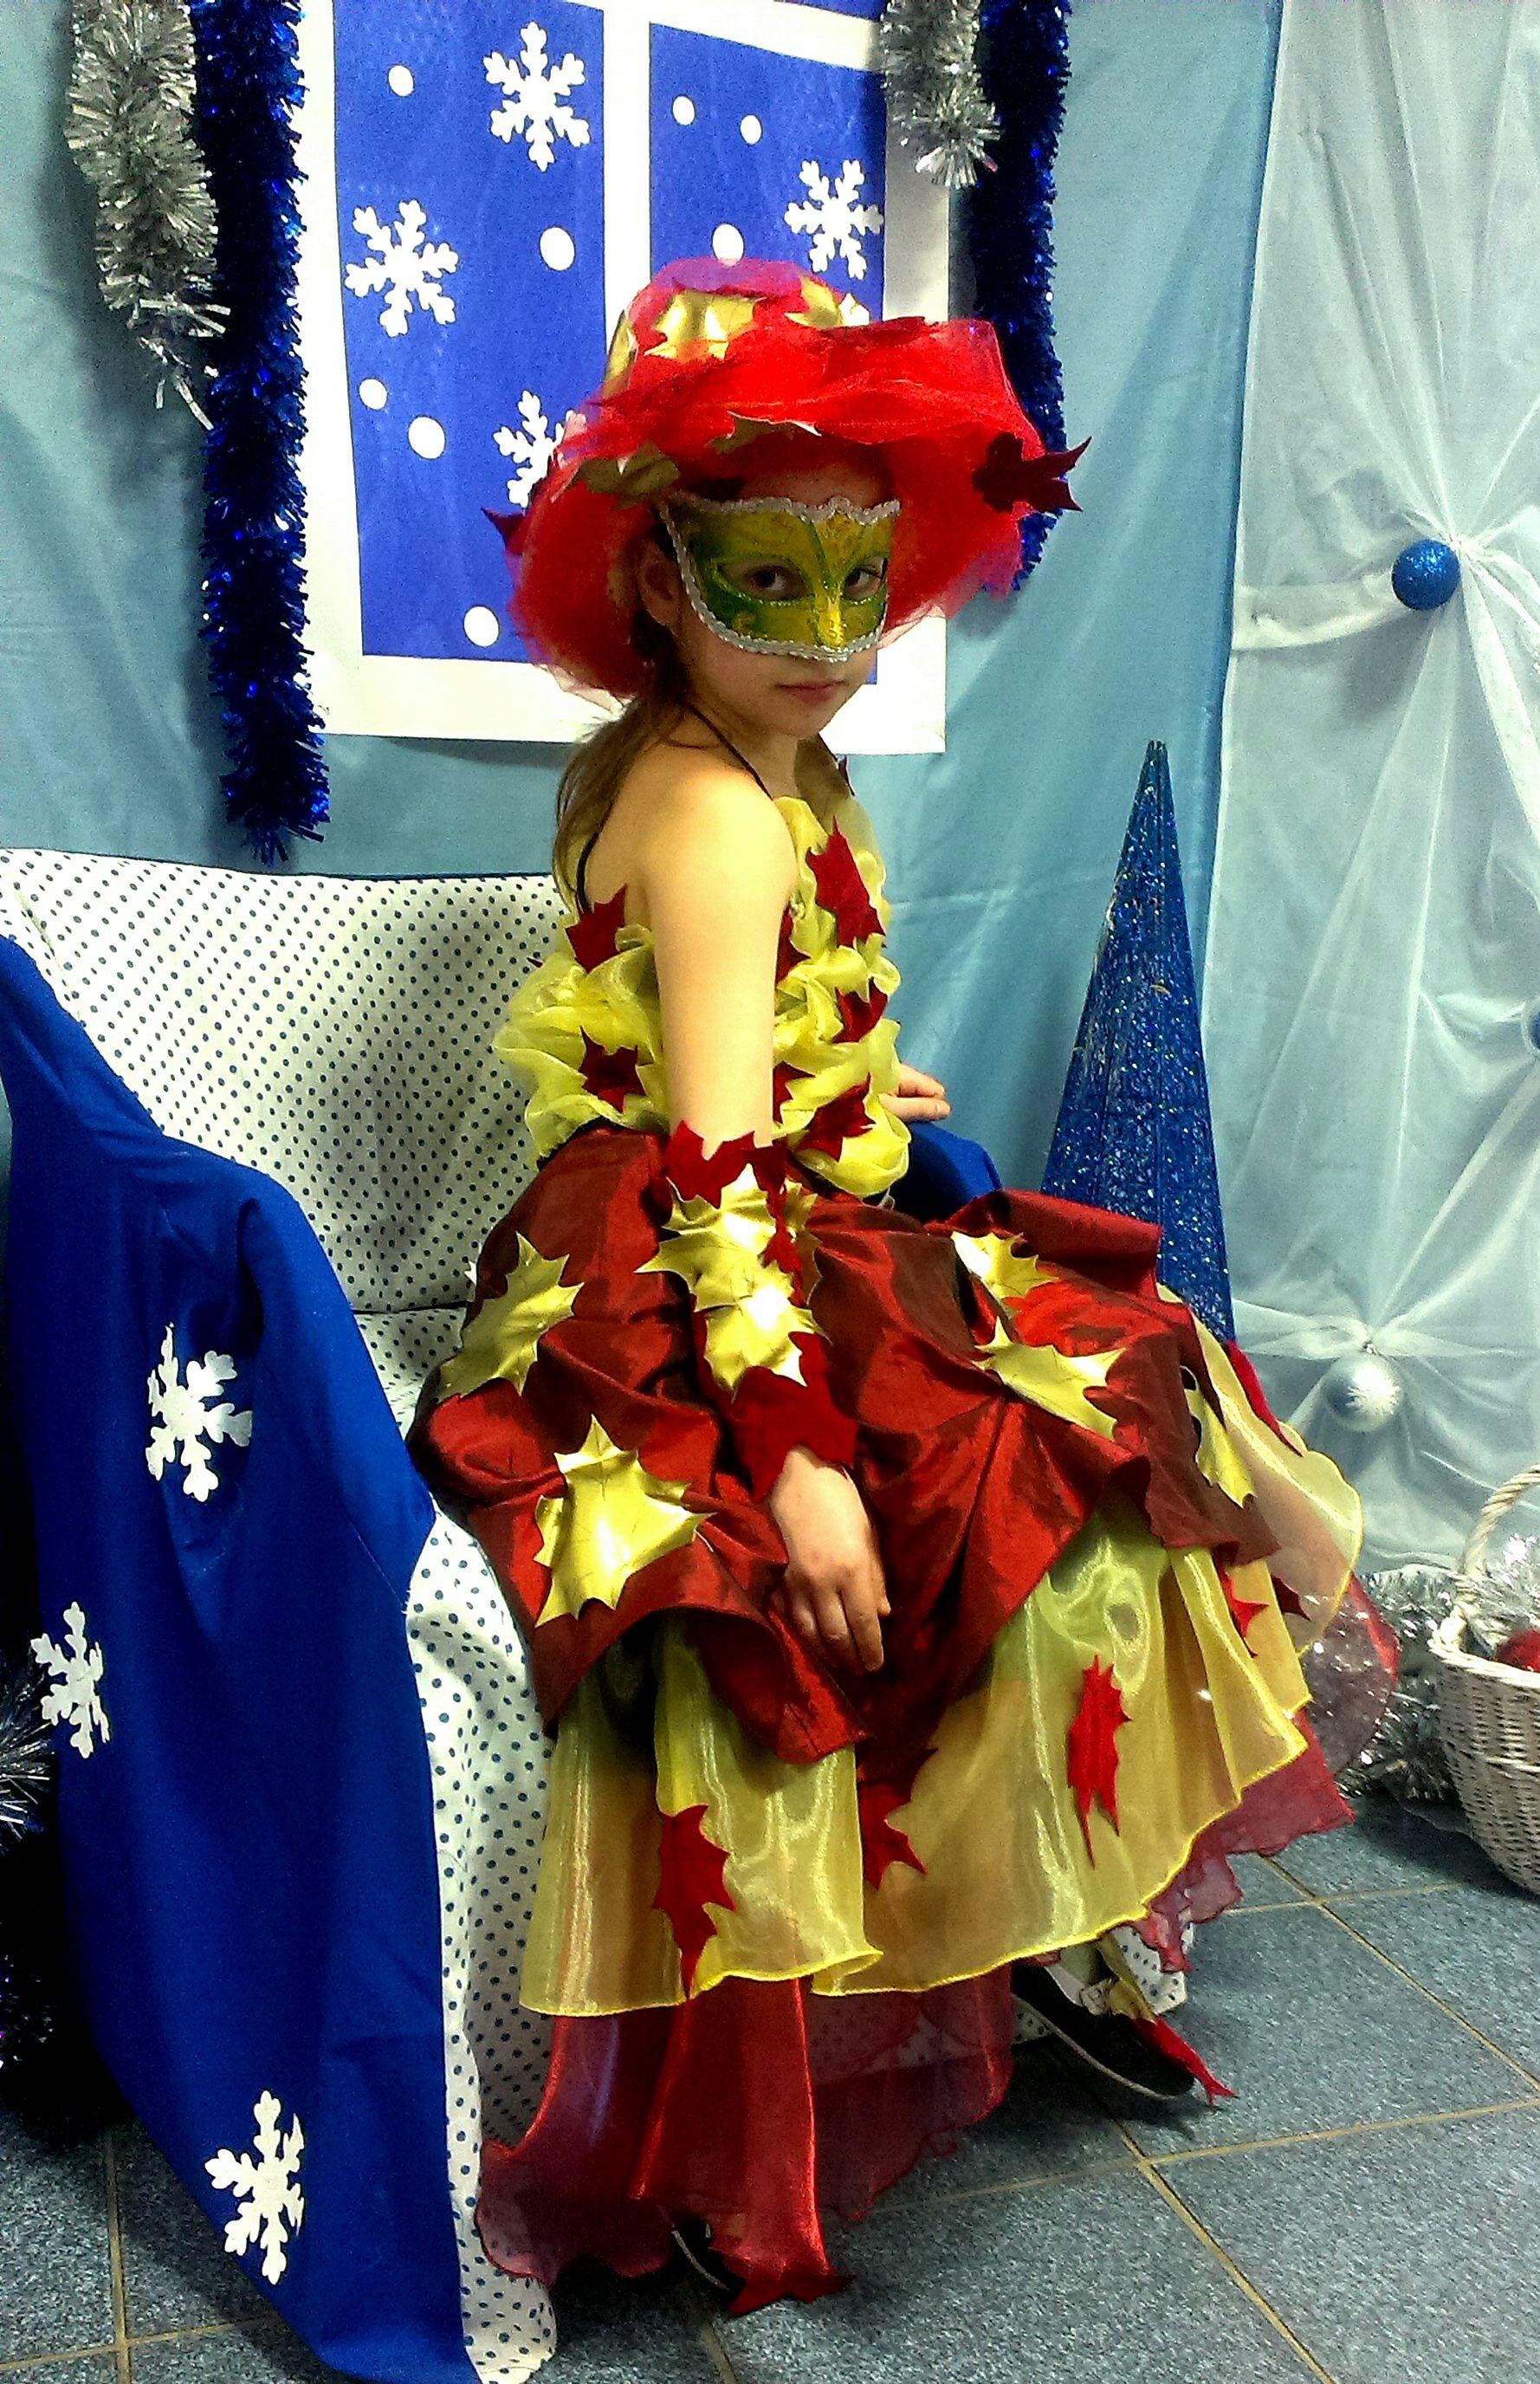 радость красивая костюм осень выступление новыйгод праздник платье детям ребенку одежда нарядное карнавал шитье девочке